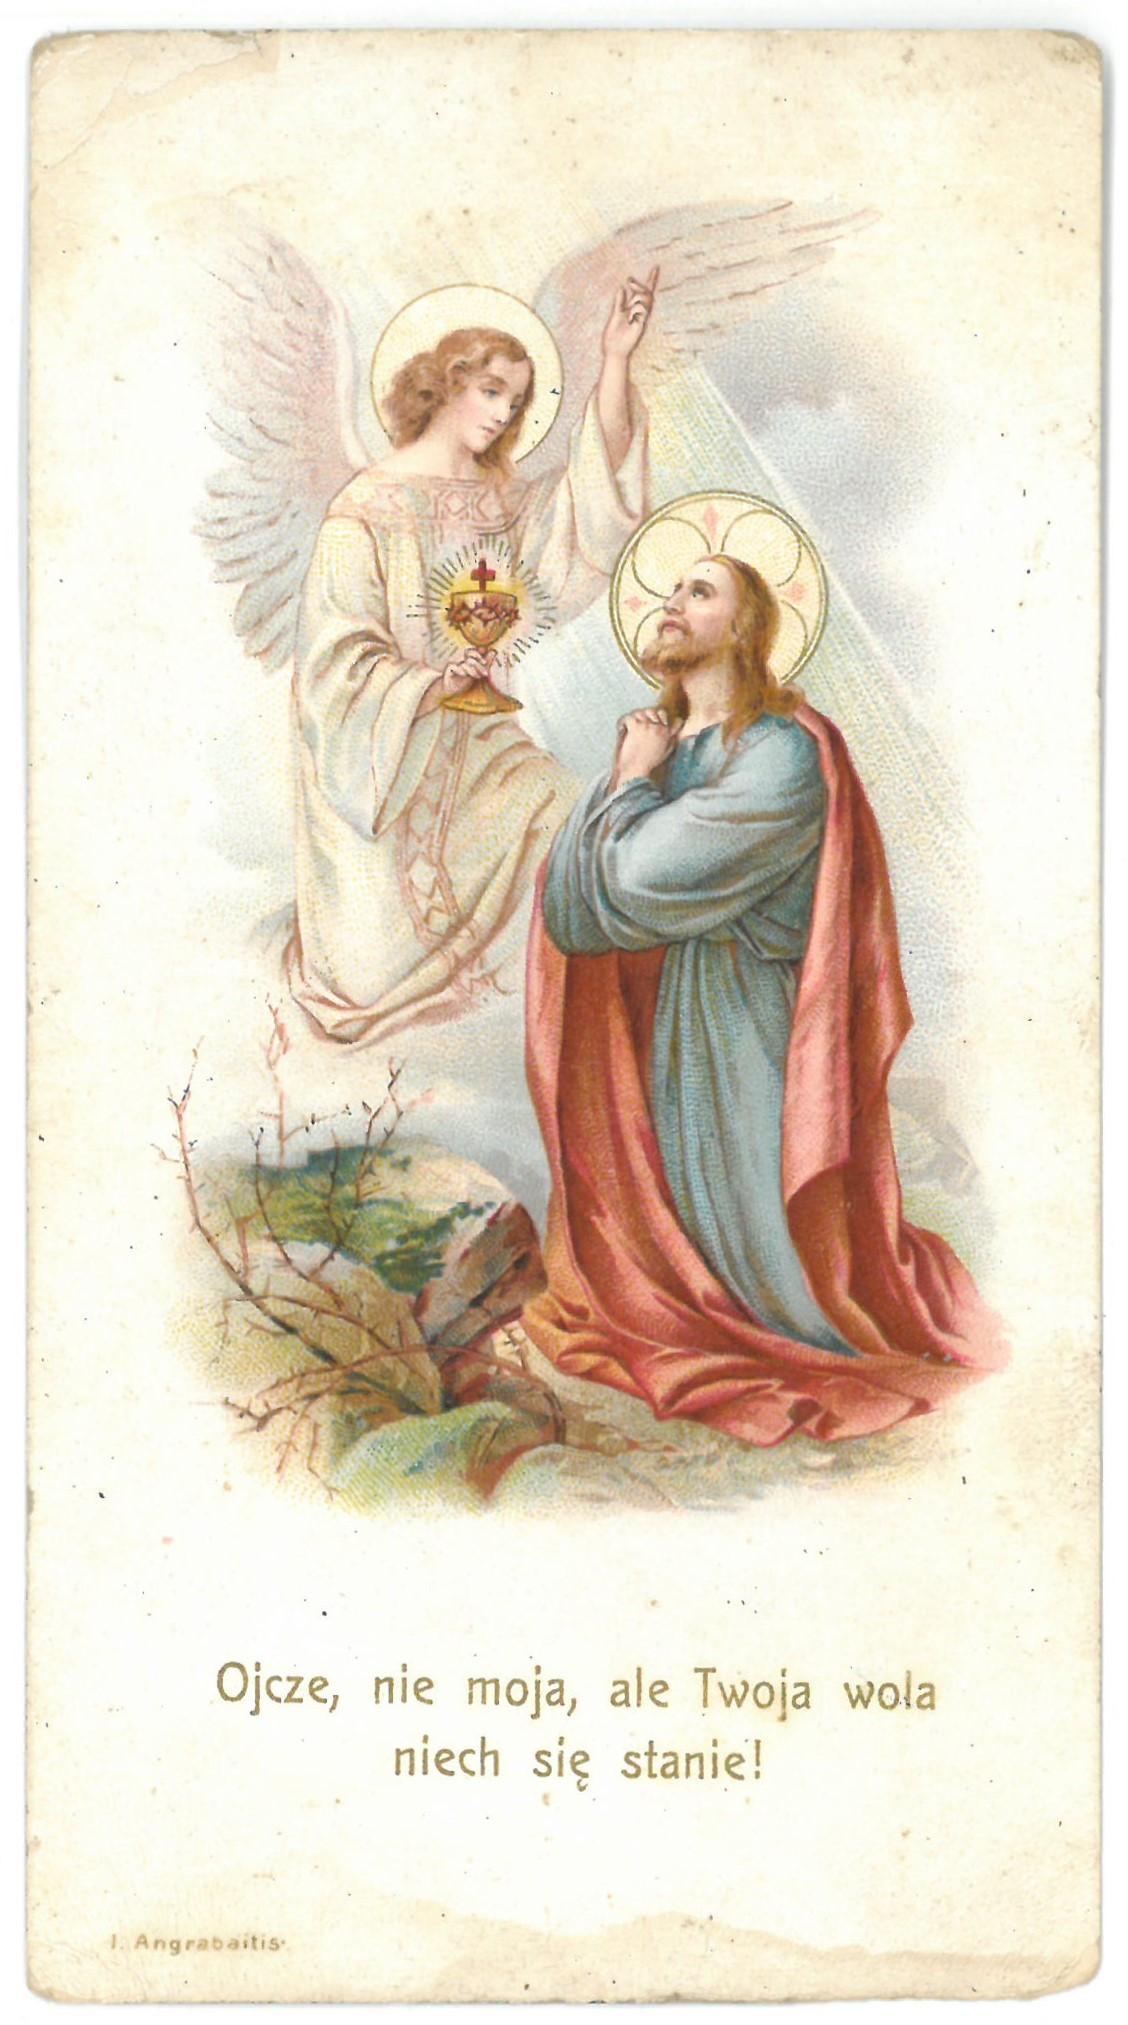 Religinis paveikslėlis. Jėzus Kristus meldžiasi